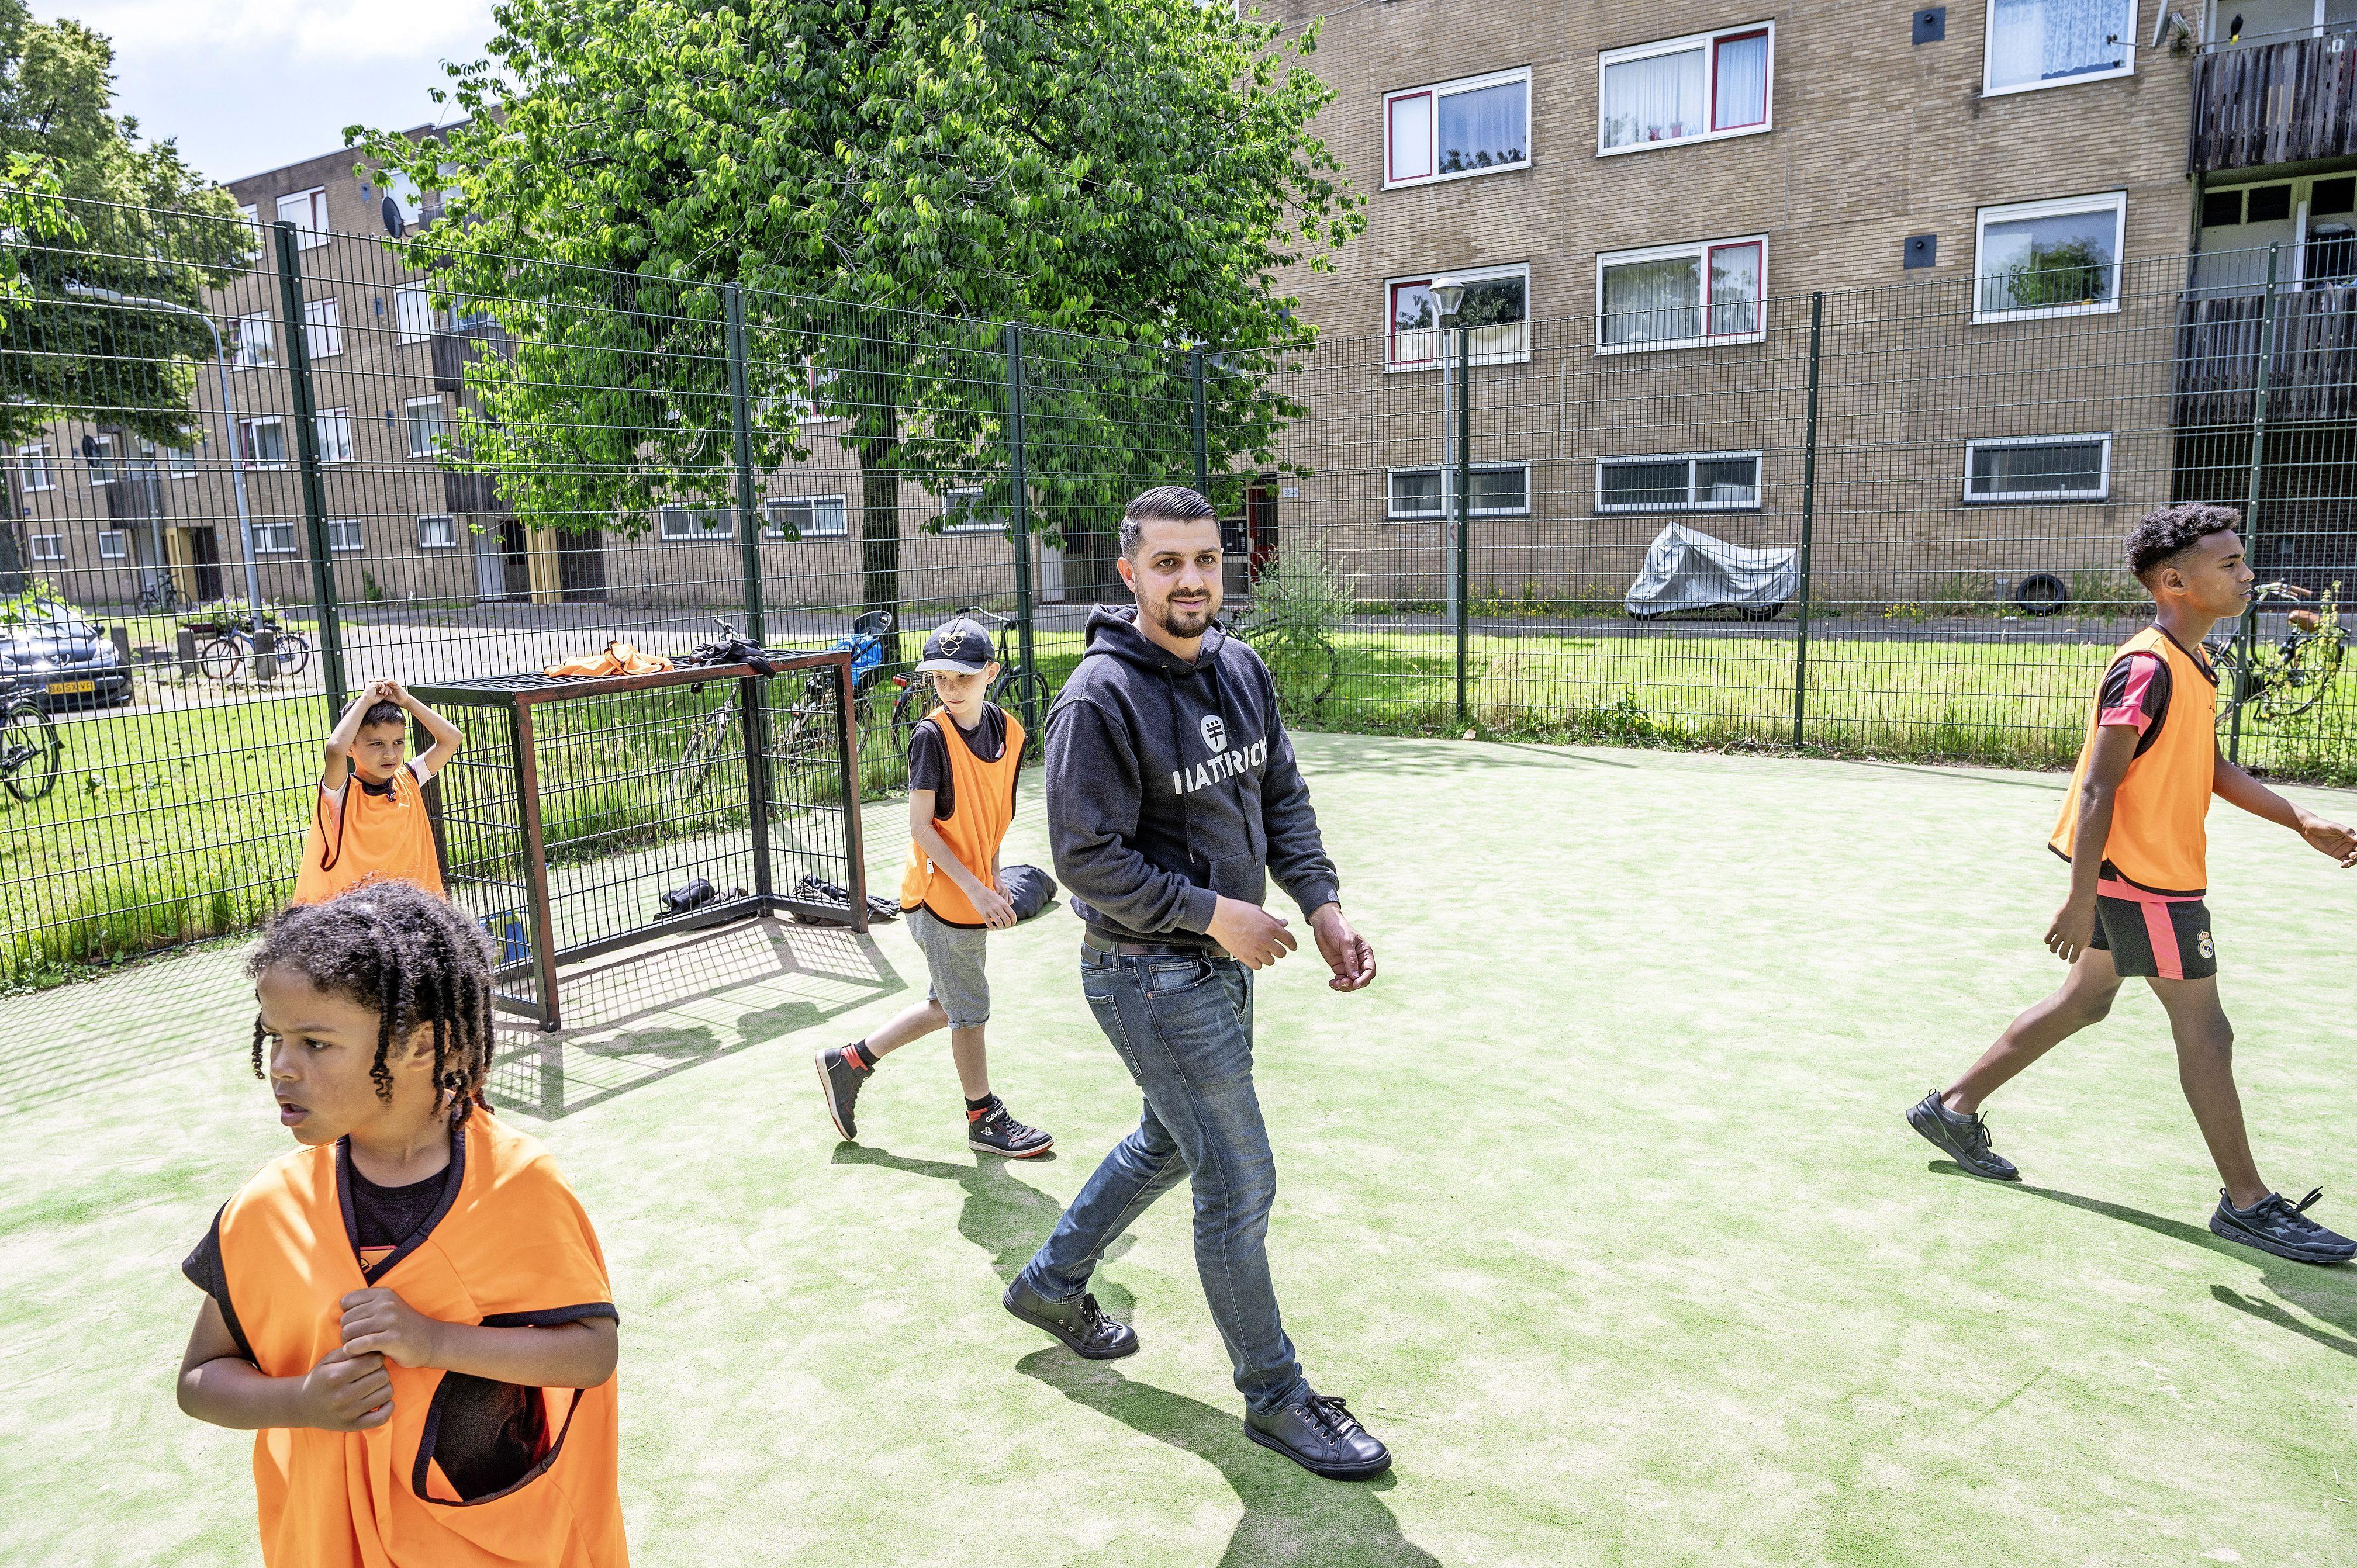 Schalkwijkse sportveldjes zijn een kweekvijver voor jong talent, maar liggen er niet goed bij: 'Zonde, want echte profs zijn begonnen op een pleintje'